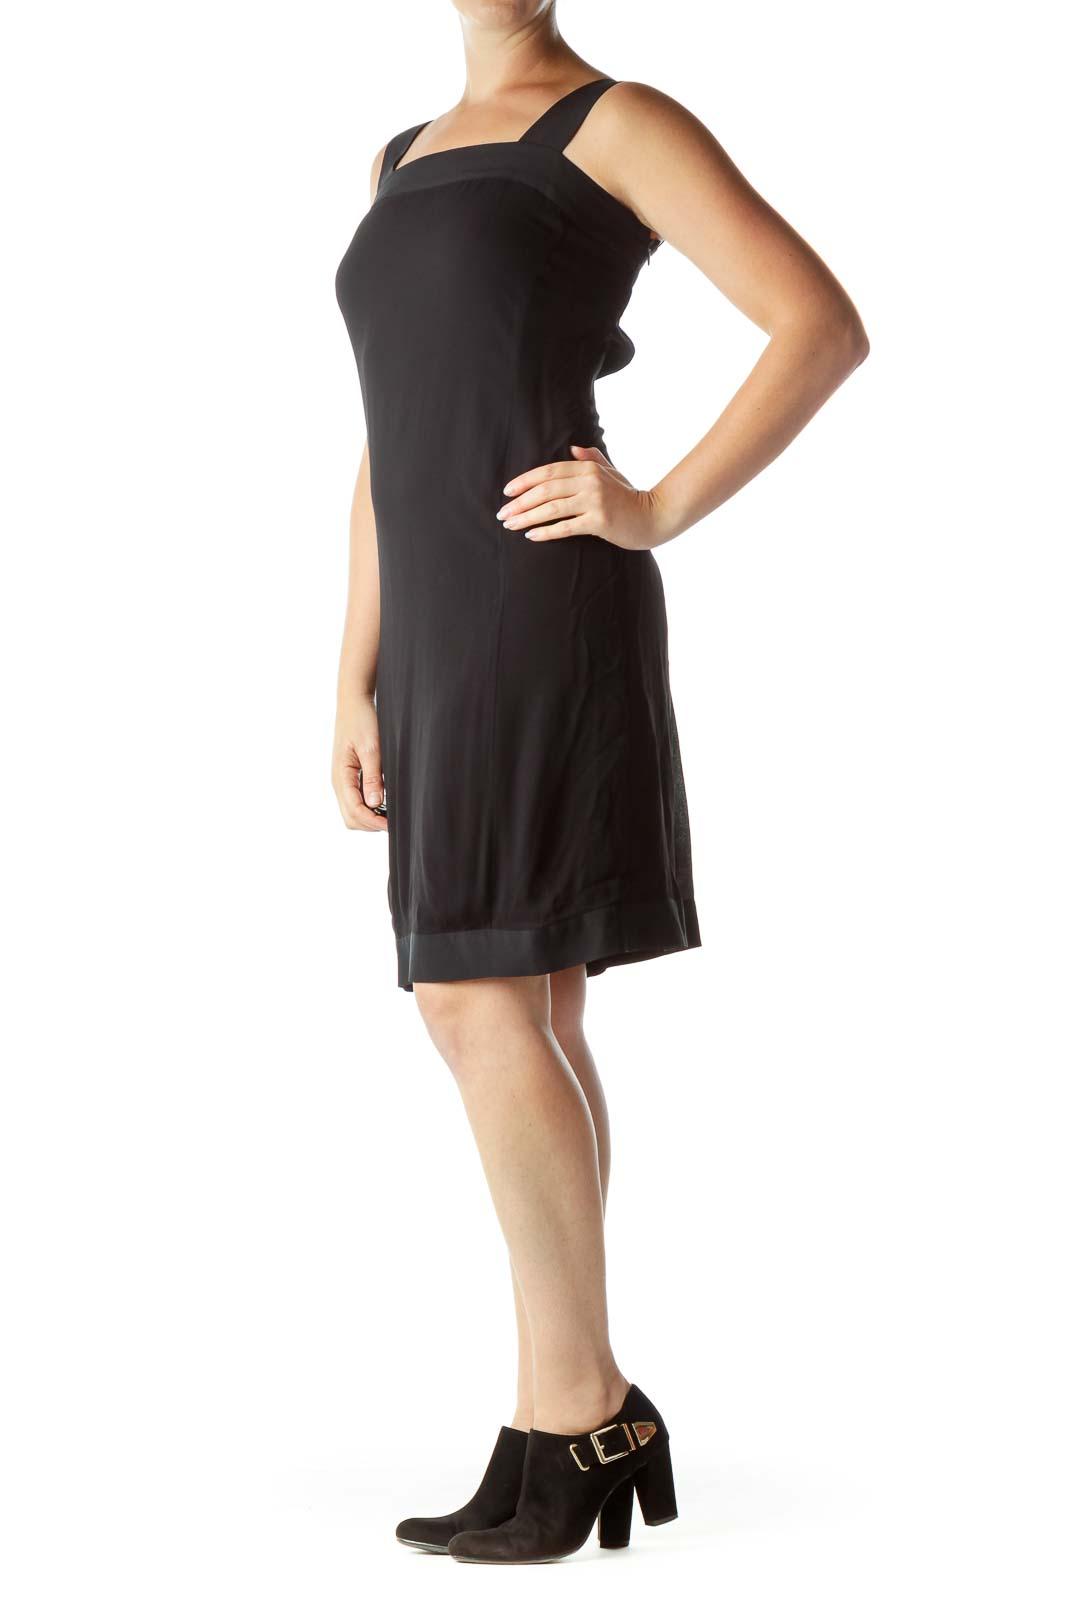 Black Open Back Cocktail Dress